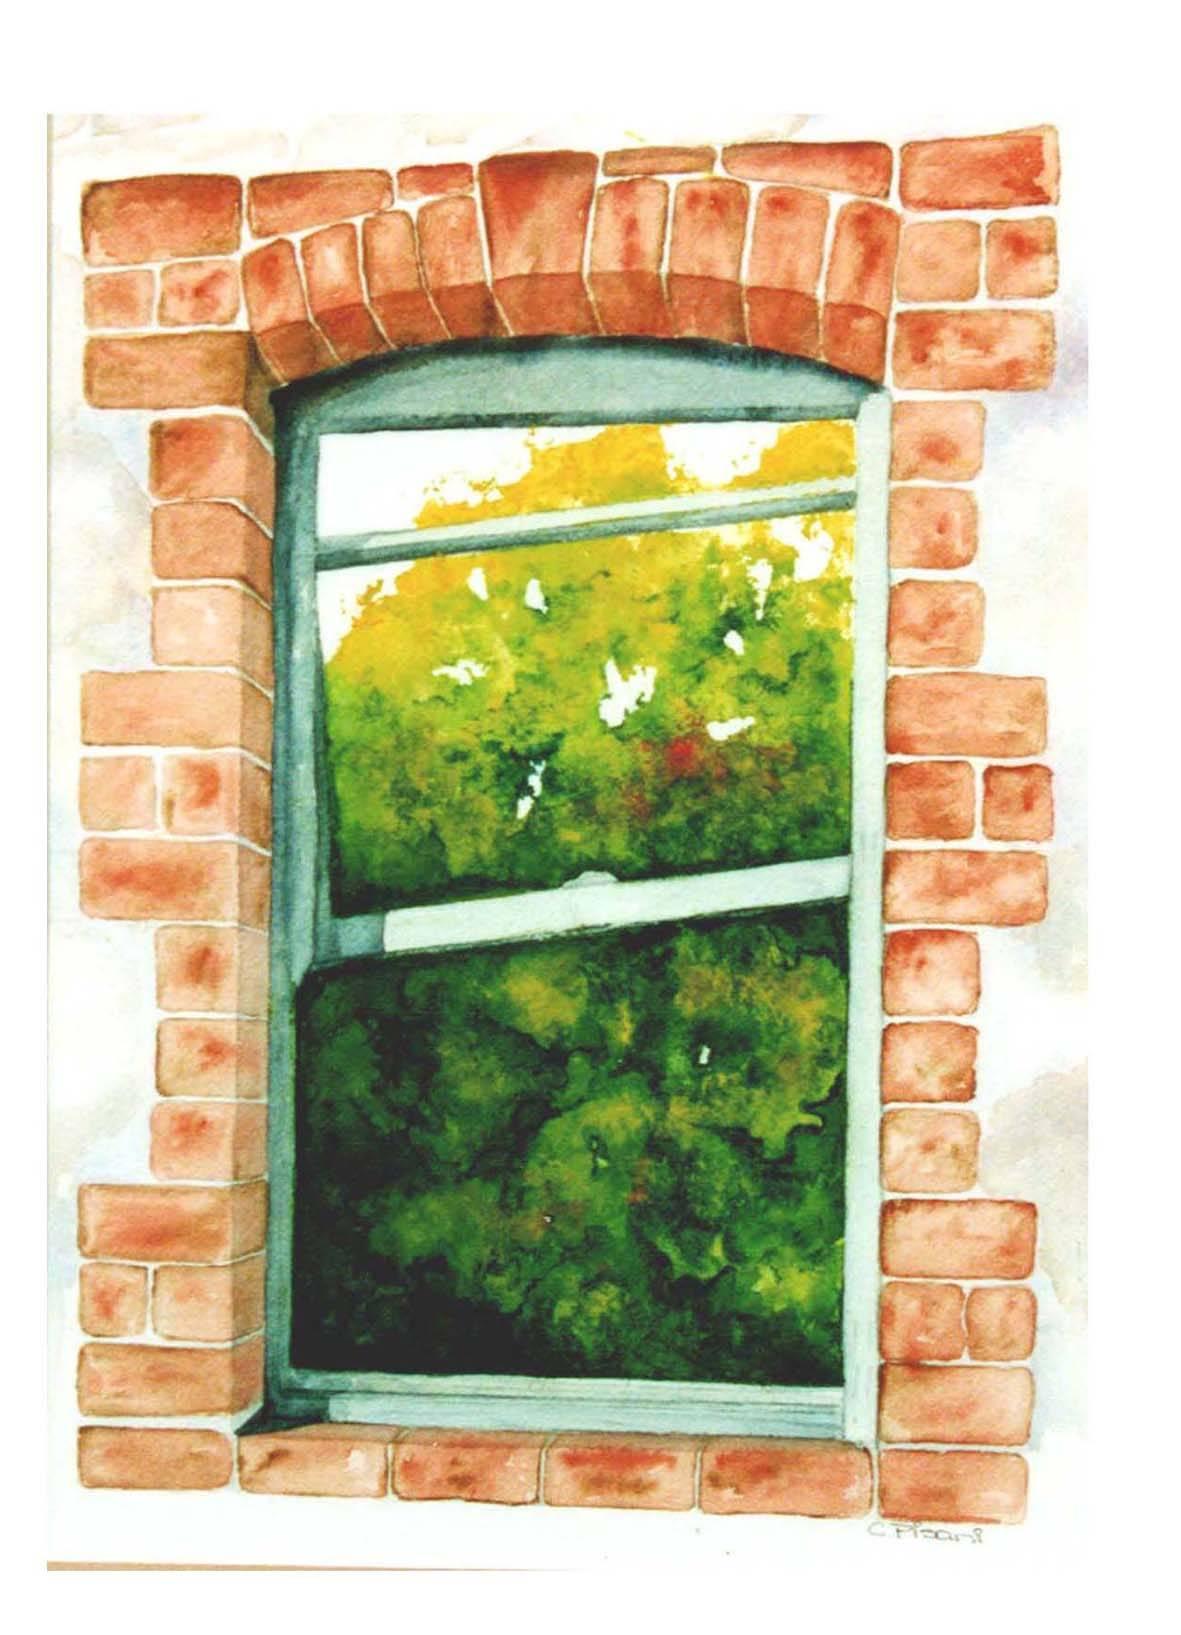 Window through ages   I/D 507D